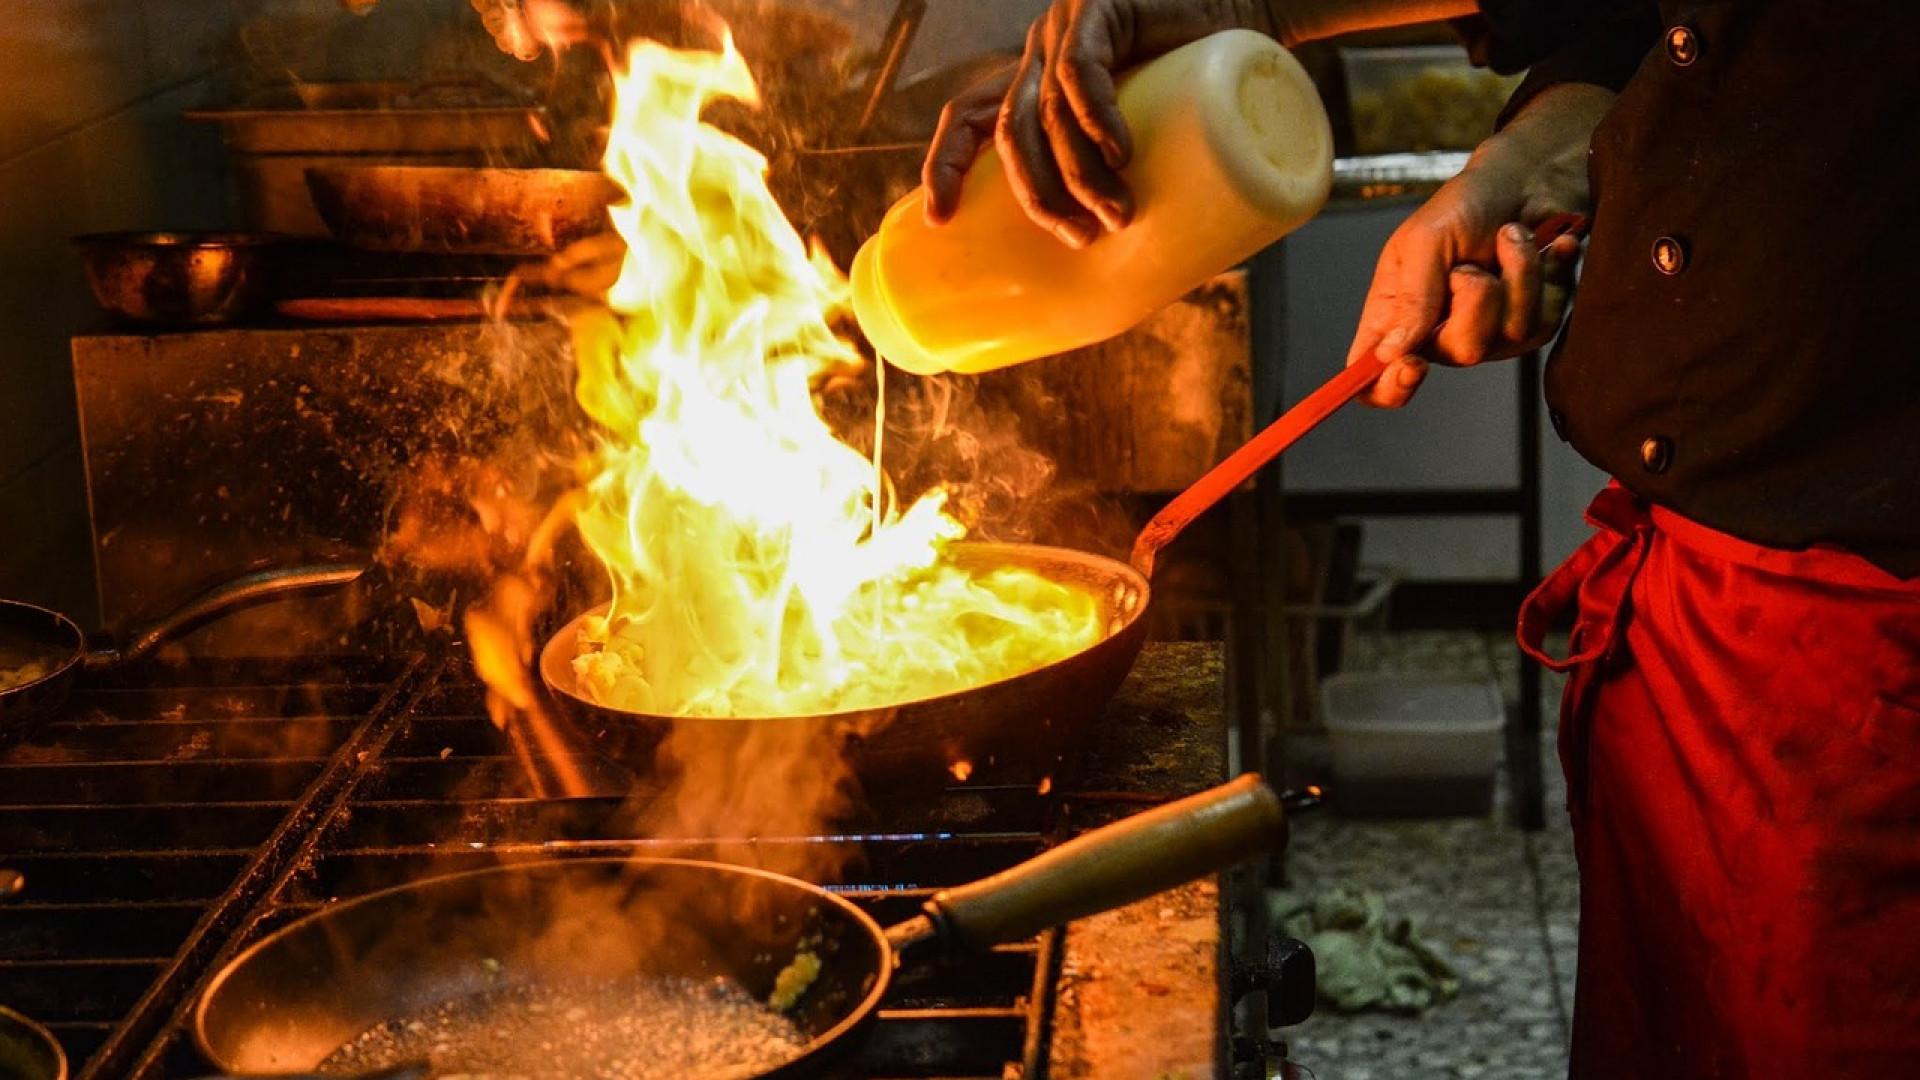 Comment bien choisir sa plaque chauffante pour sa cuisine ?